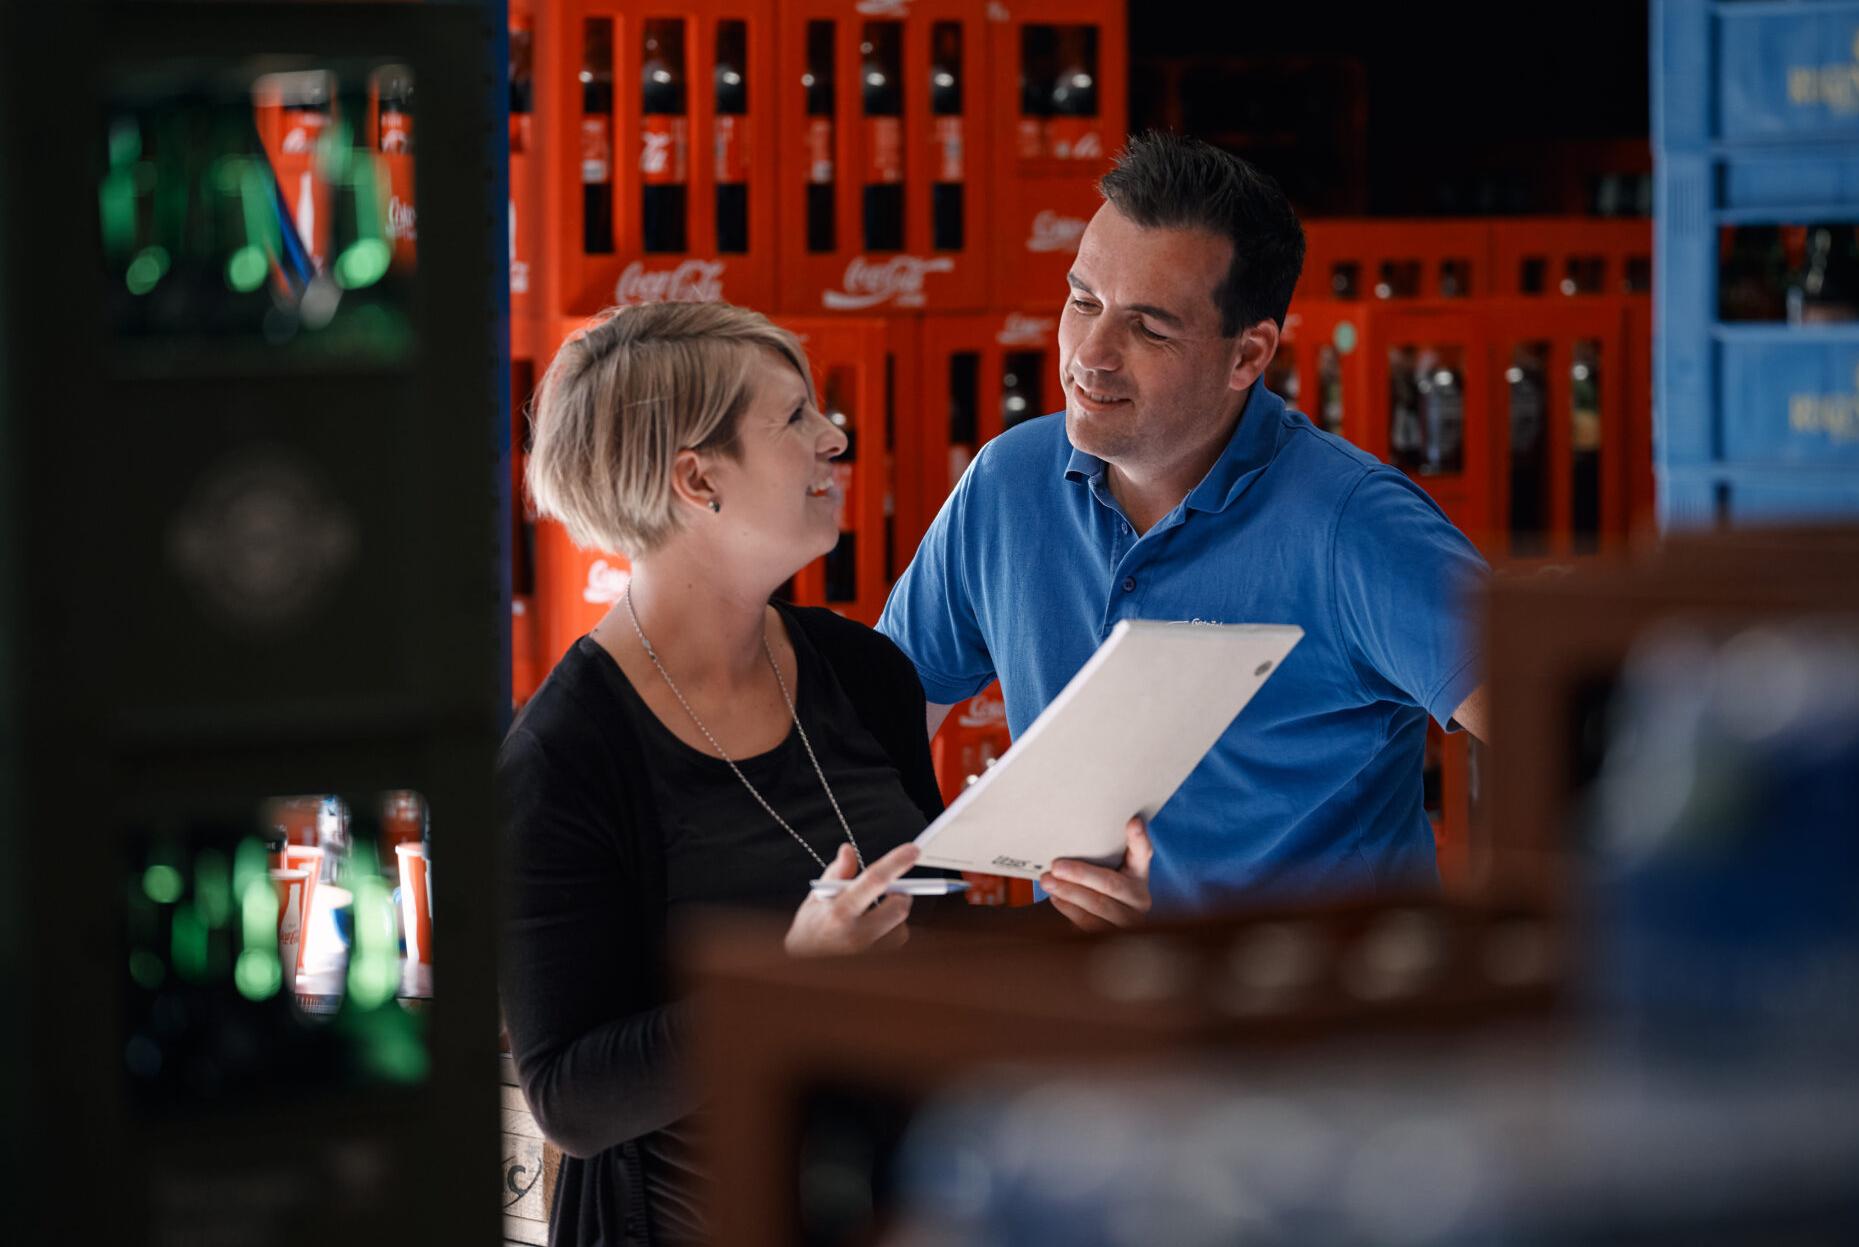 Roland Bongni bespricht mit seiner Frau eine Bestellung im Getränkelager